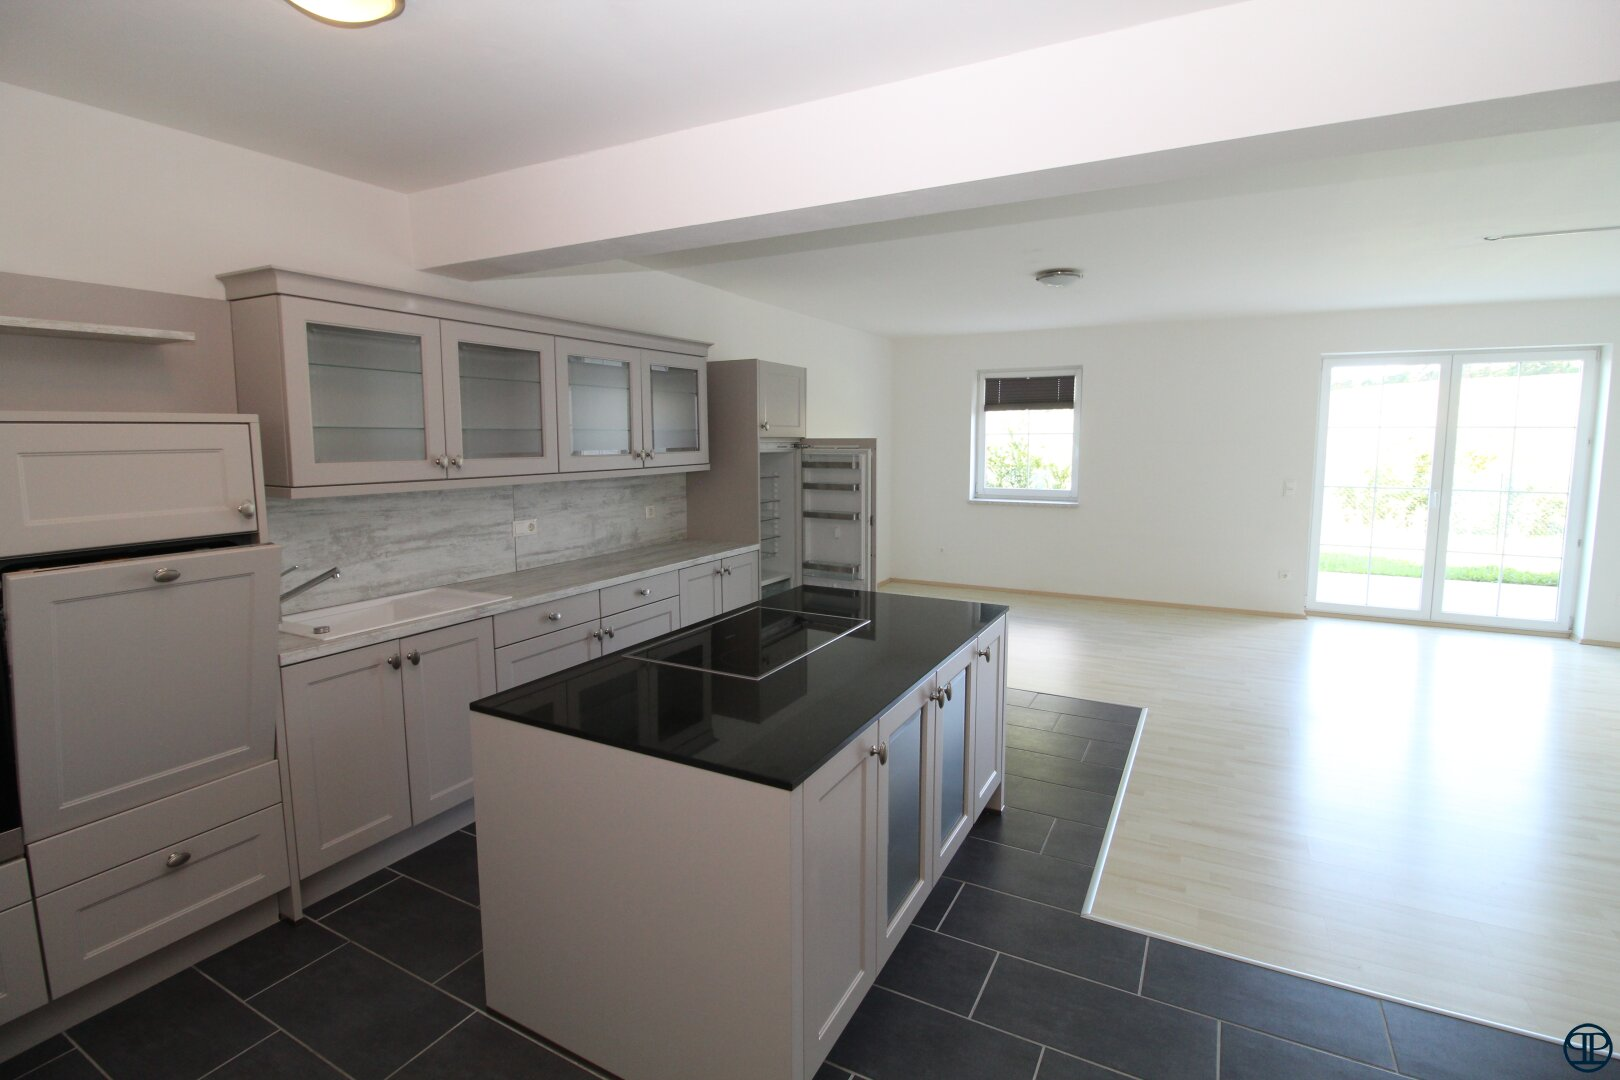 Blick vom Küchenbereich in den Wohnbereich